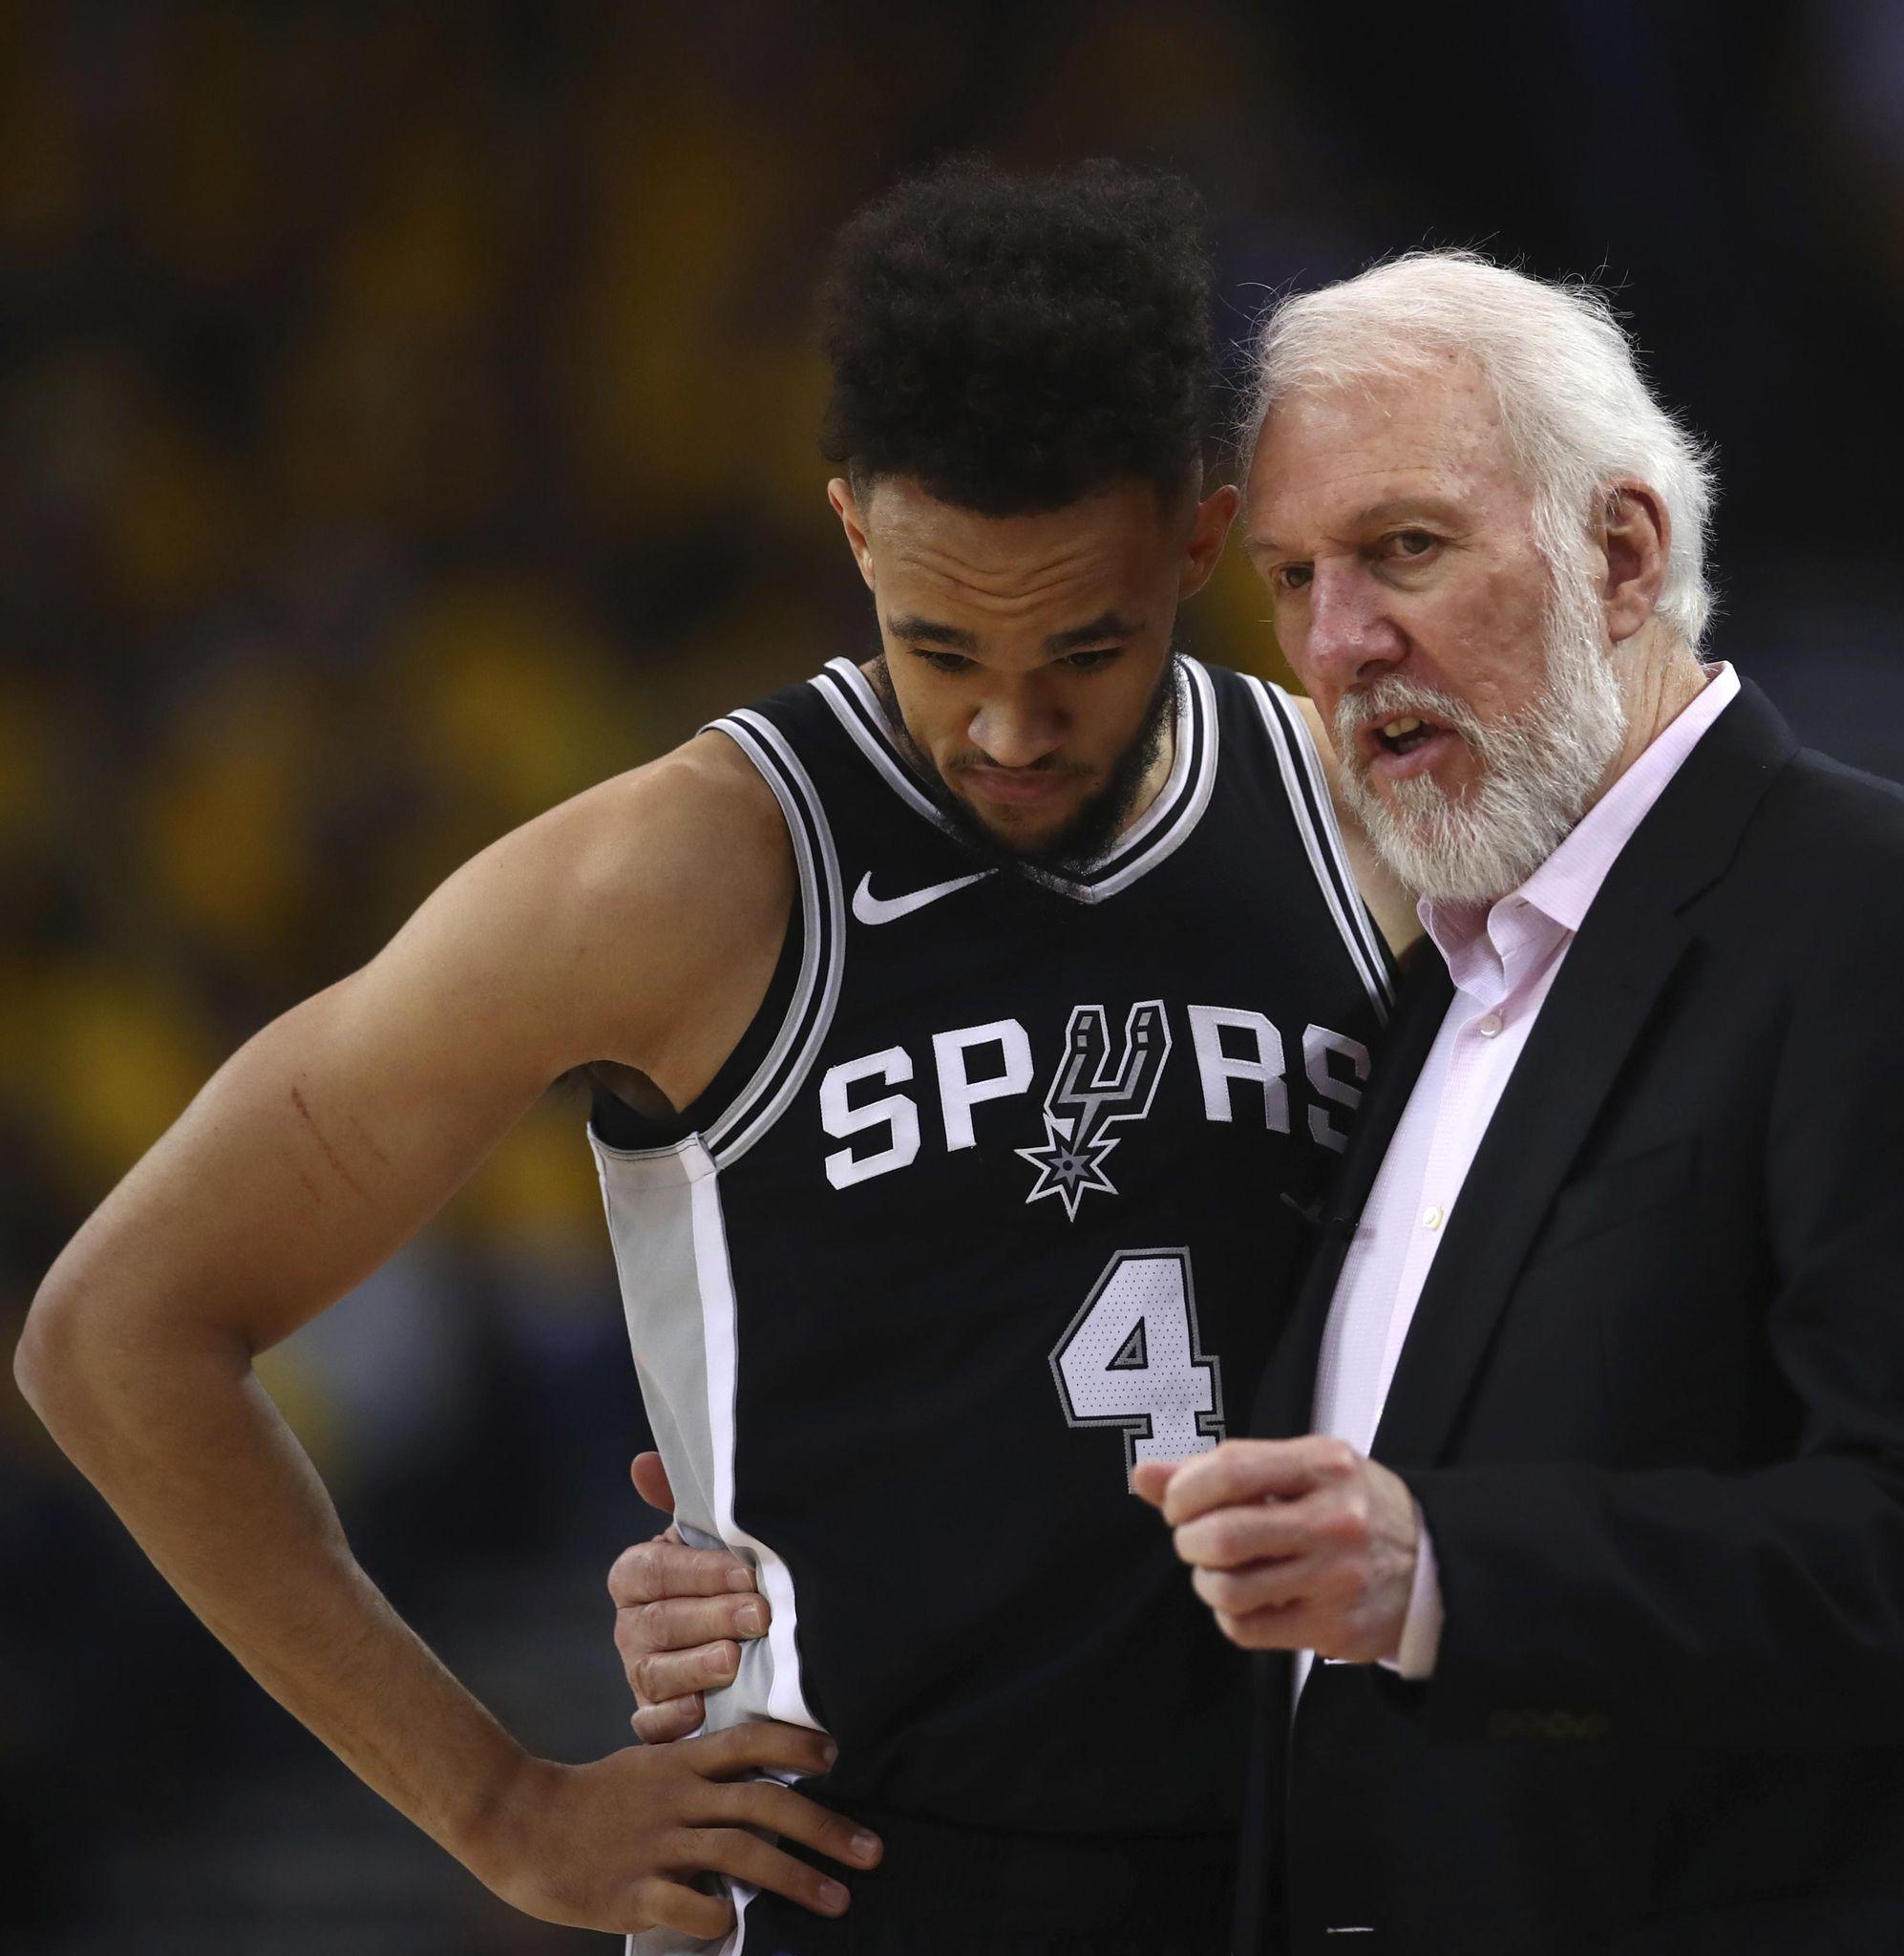 Spurs_warriors_basketball_48982_s1994x2048